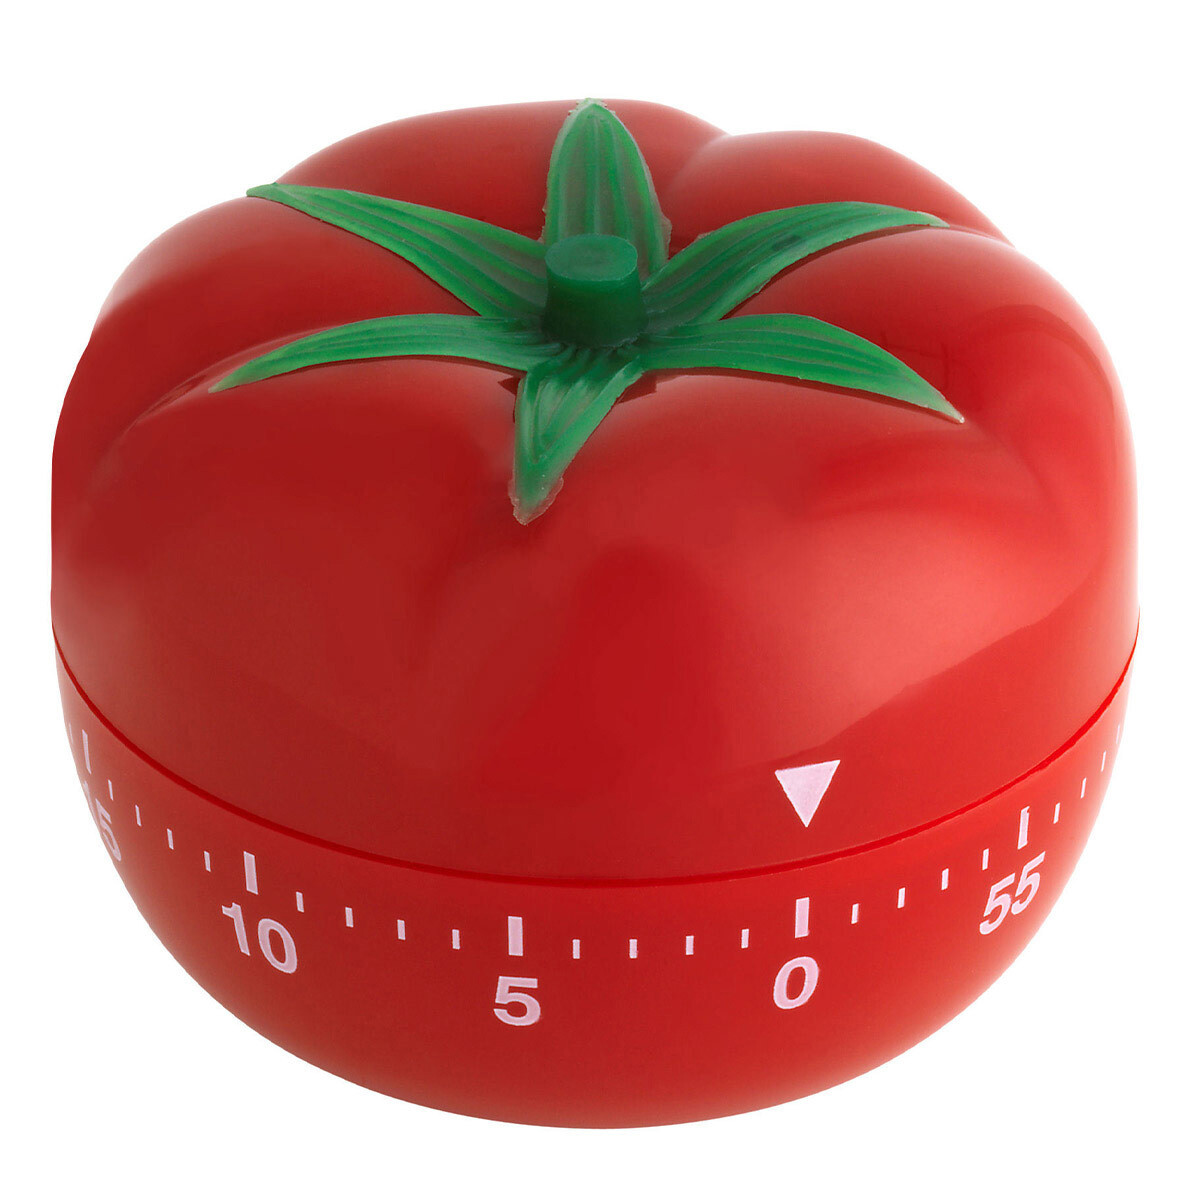 Küchen-Timer TOMATE